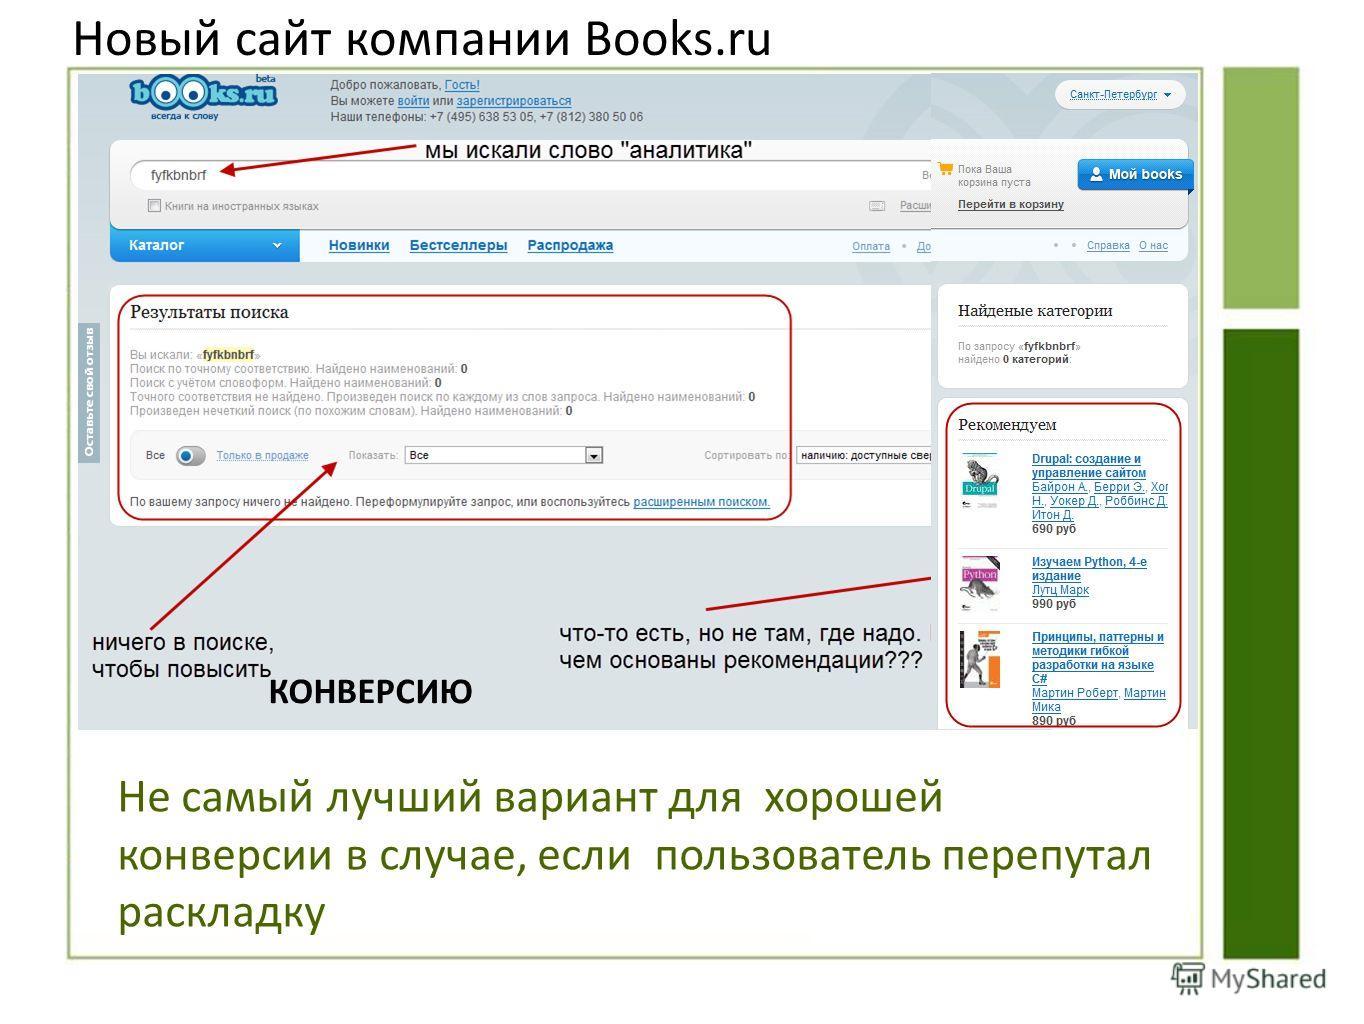 КОНВЕРСИЮ Новый сайт компании Books.ru Не самый лучший вариант для хорошей конверсии в случае, если пользователь перепутал раскладку